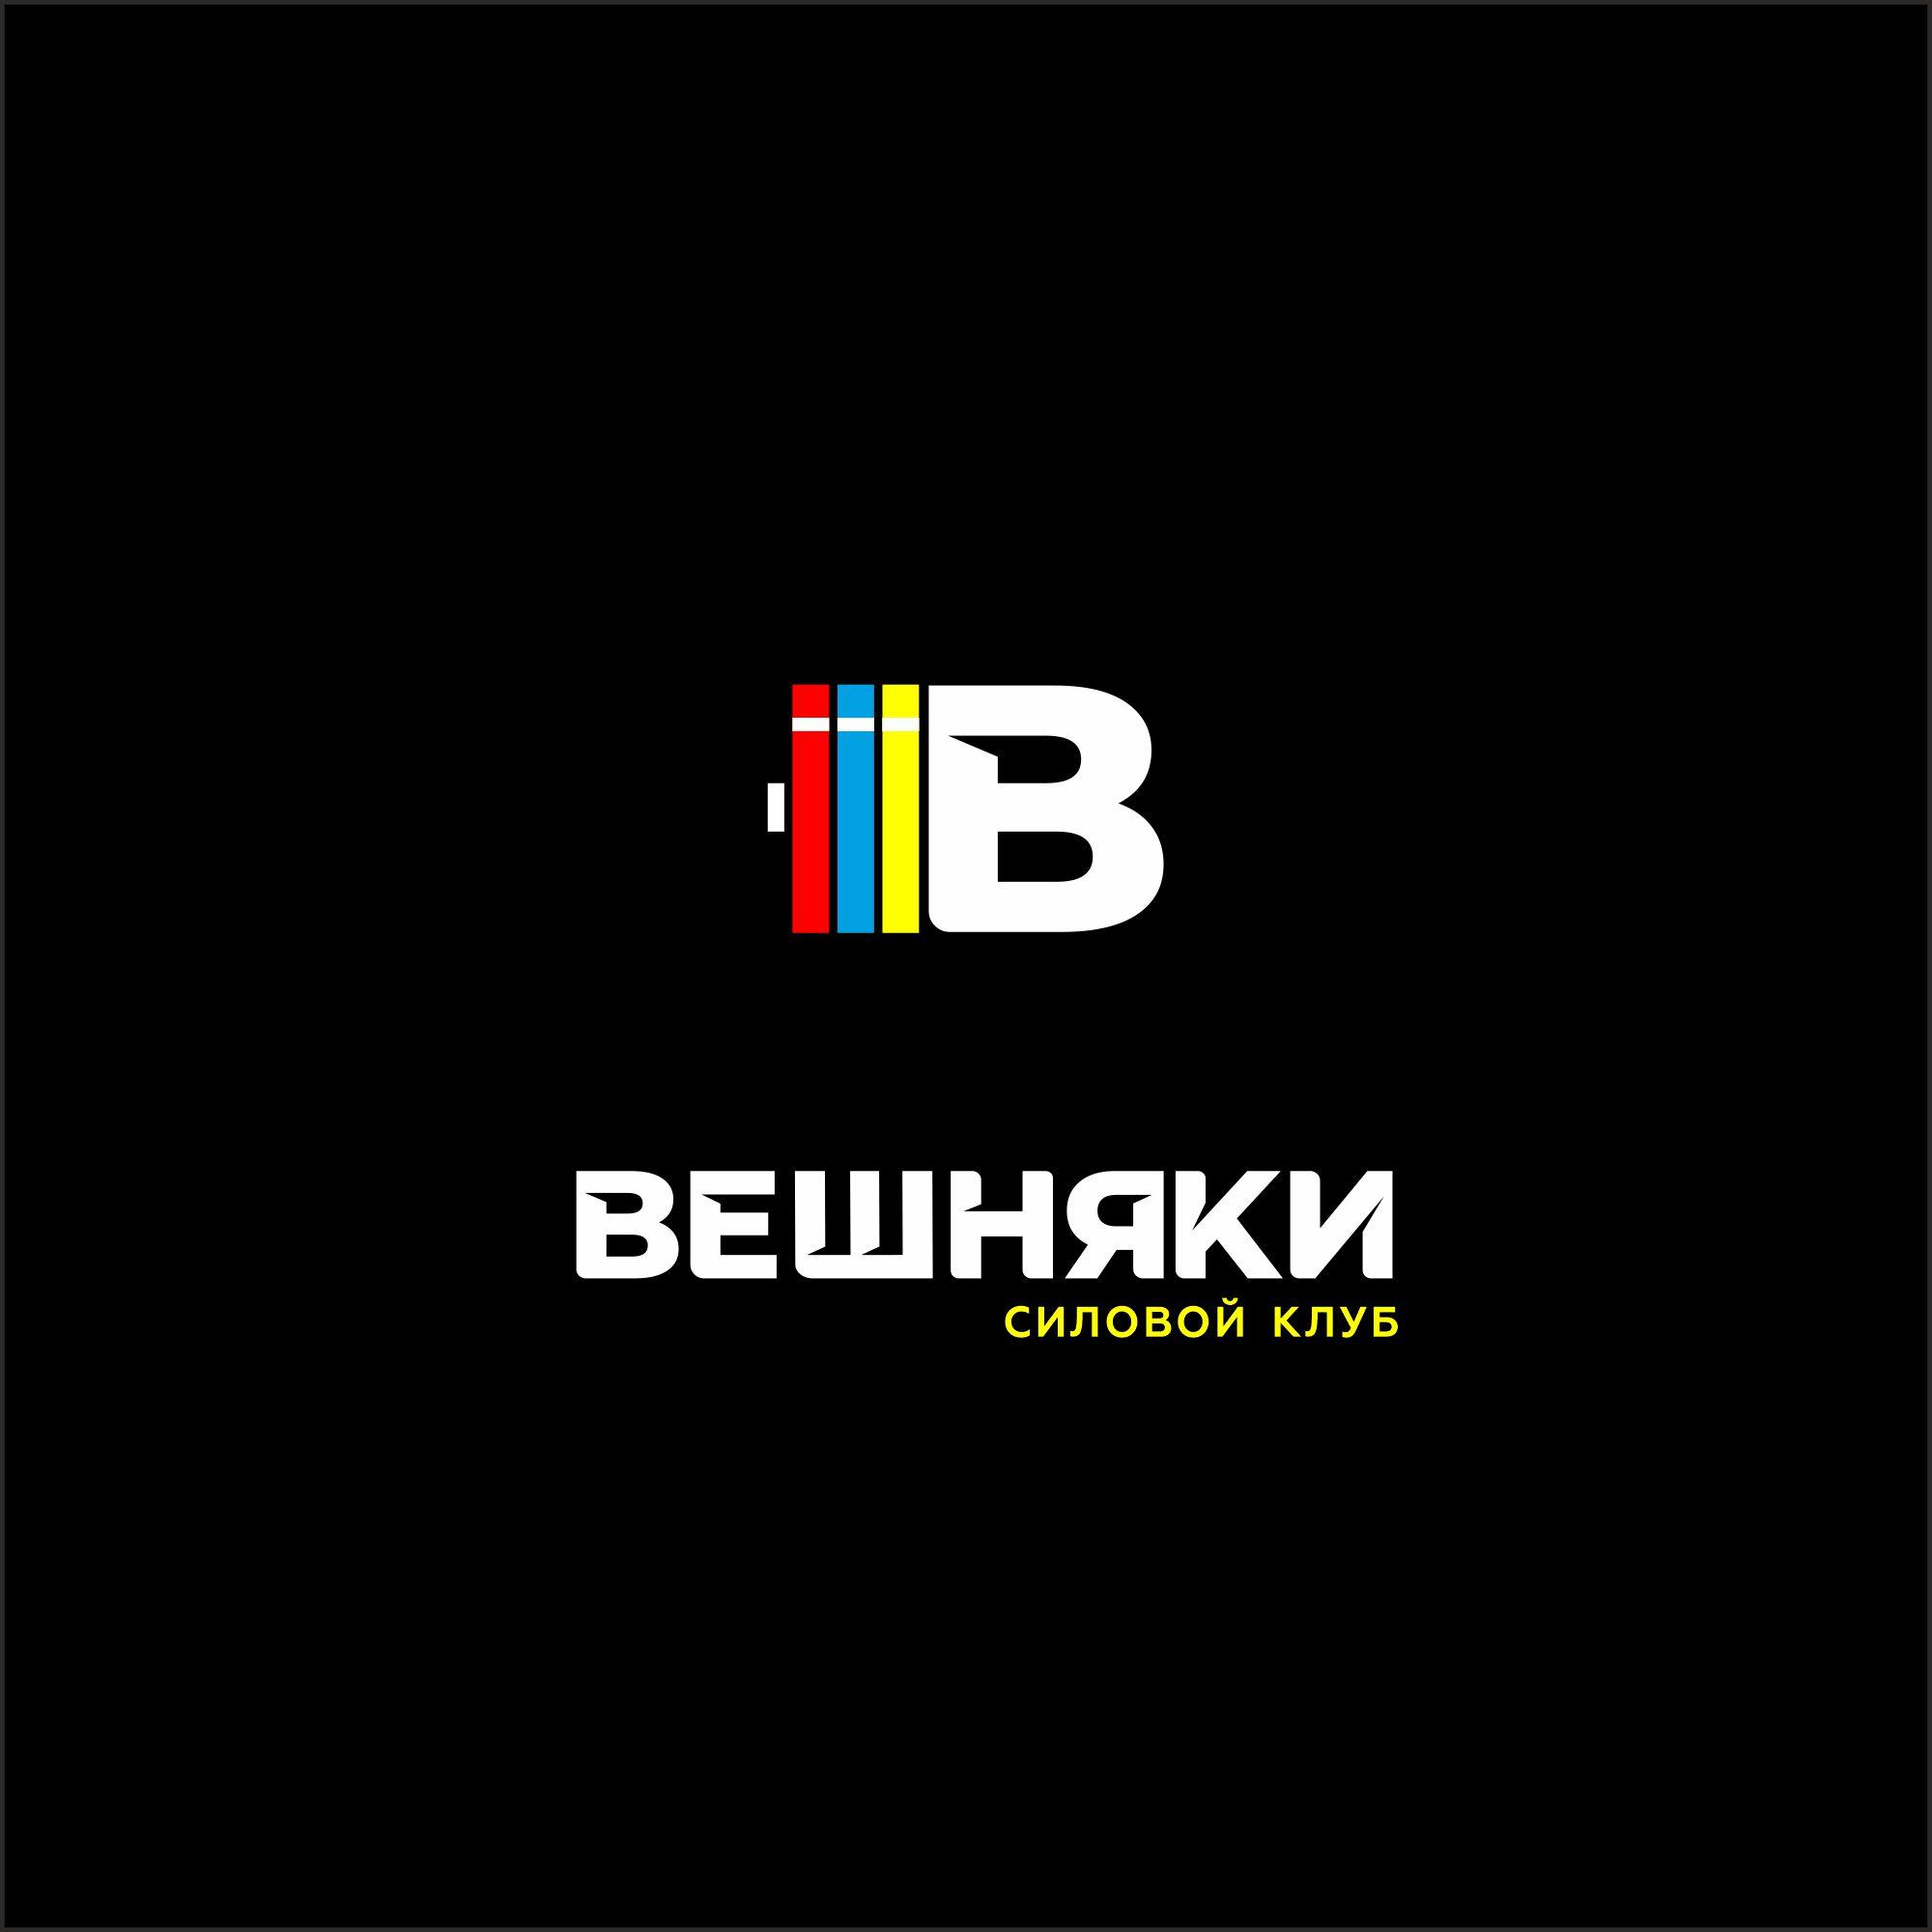 Адаптация (разработка) логотипа Силового клуба ВЕШНЯКИ в инт фото f_1115fbb8a031d634.jpg